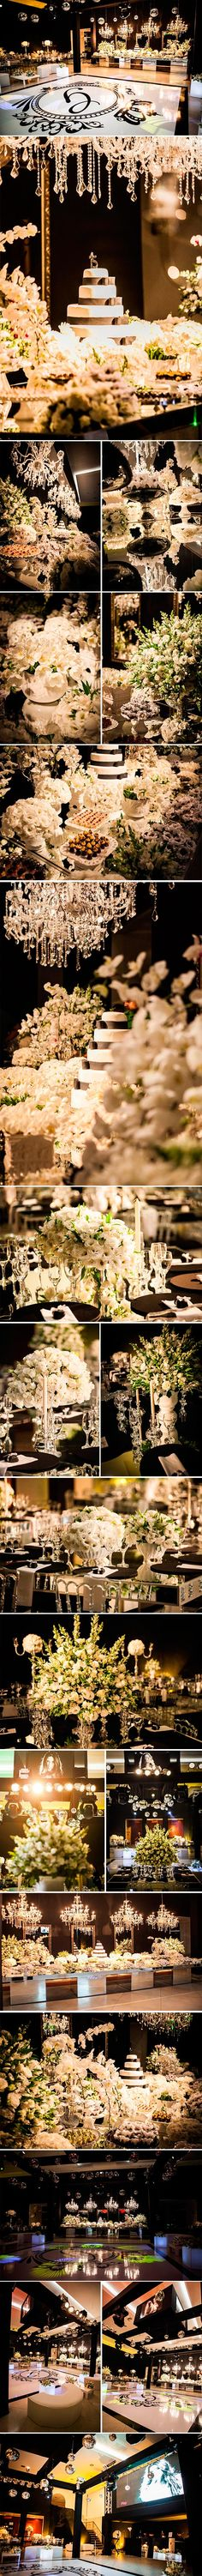 15 anos luxo, decoração. Pode ser usada também em casamento e noivado. Wedding. Casamento. Festa.